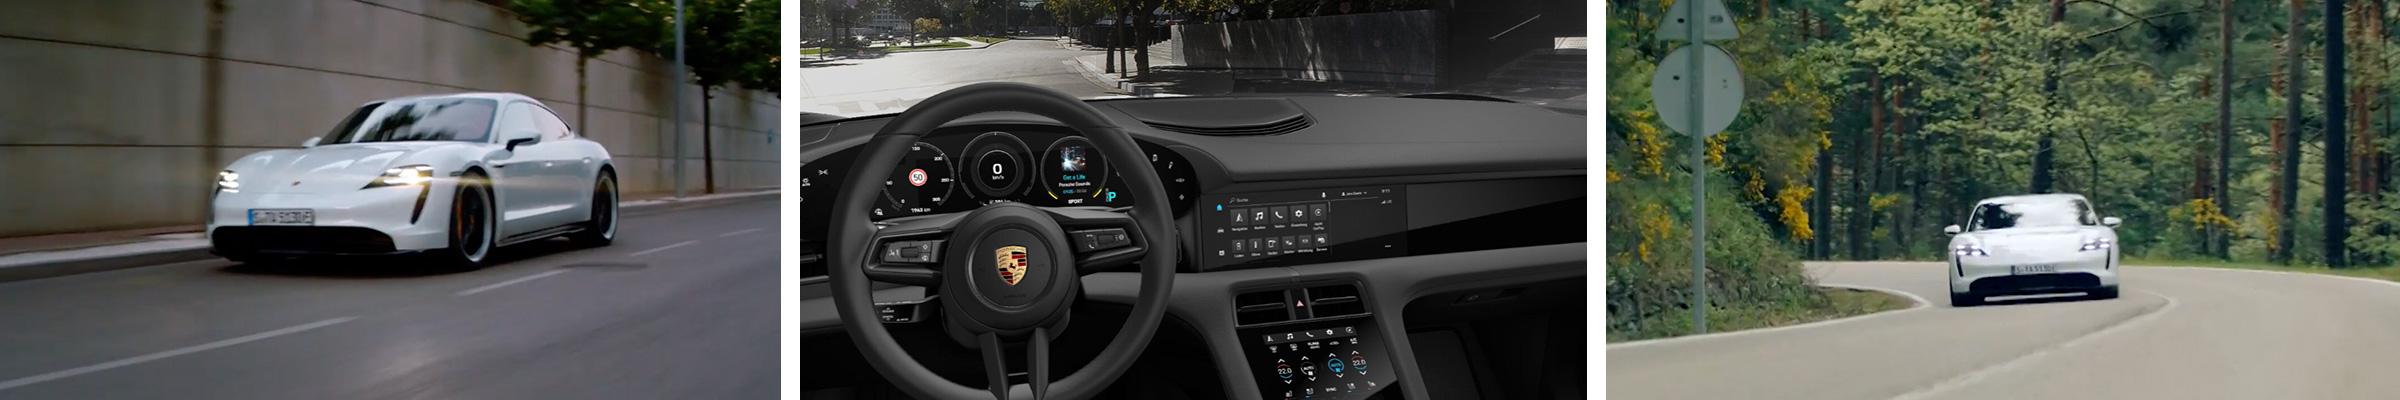 2020 Porsche Taycan For Sale Wilmington NC | Leland